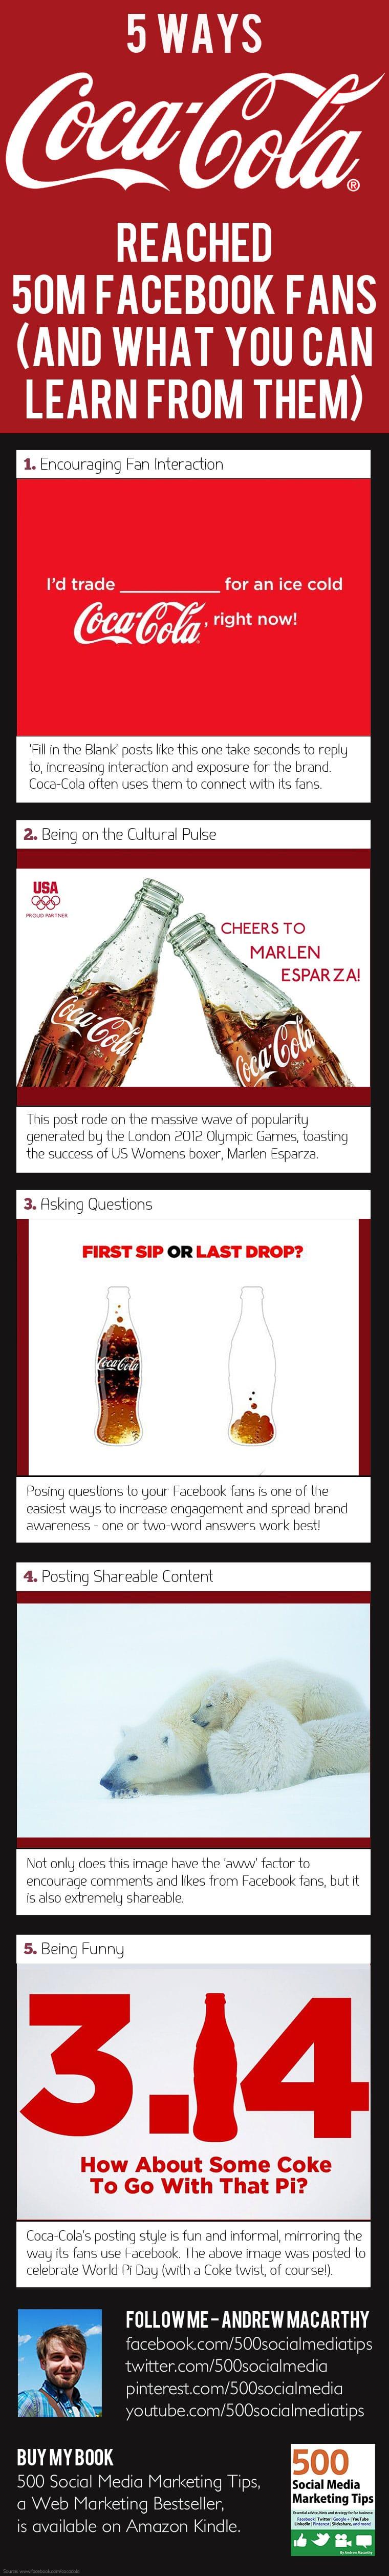 facebook-practices-coco-cola-tips